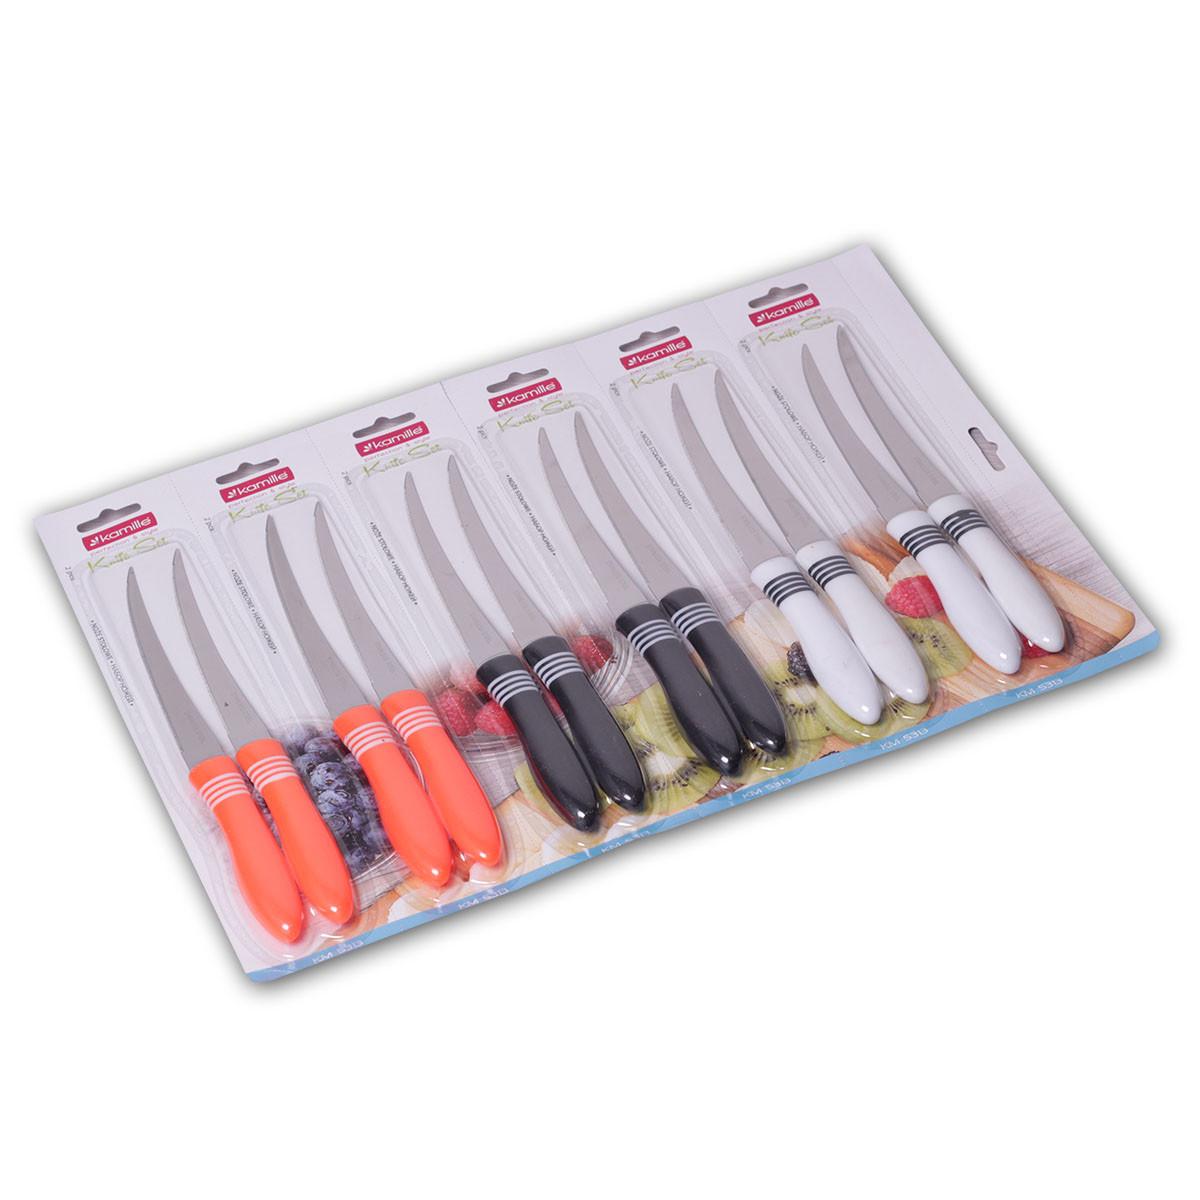 Набор ножей Kamille 12шт из нержавеющей стали с пластиковыми ручками KM-5313